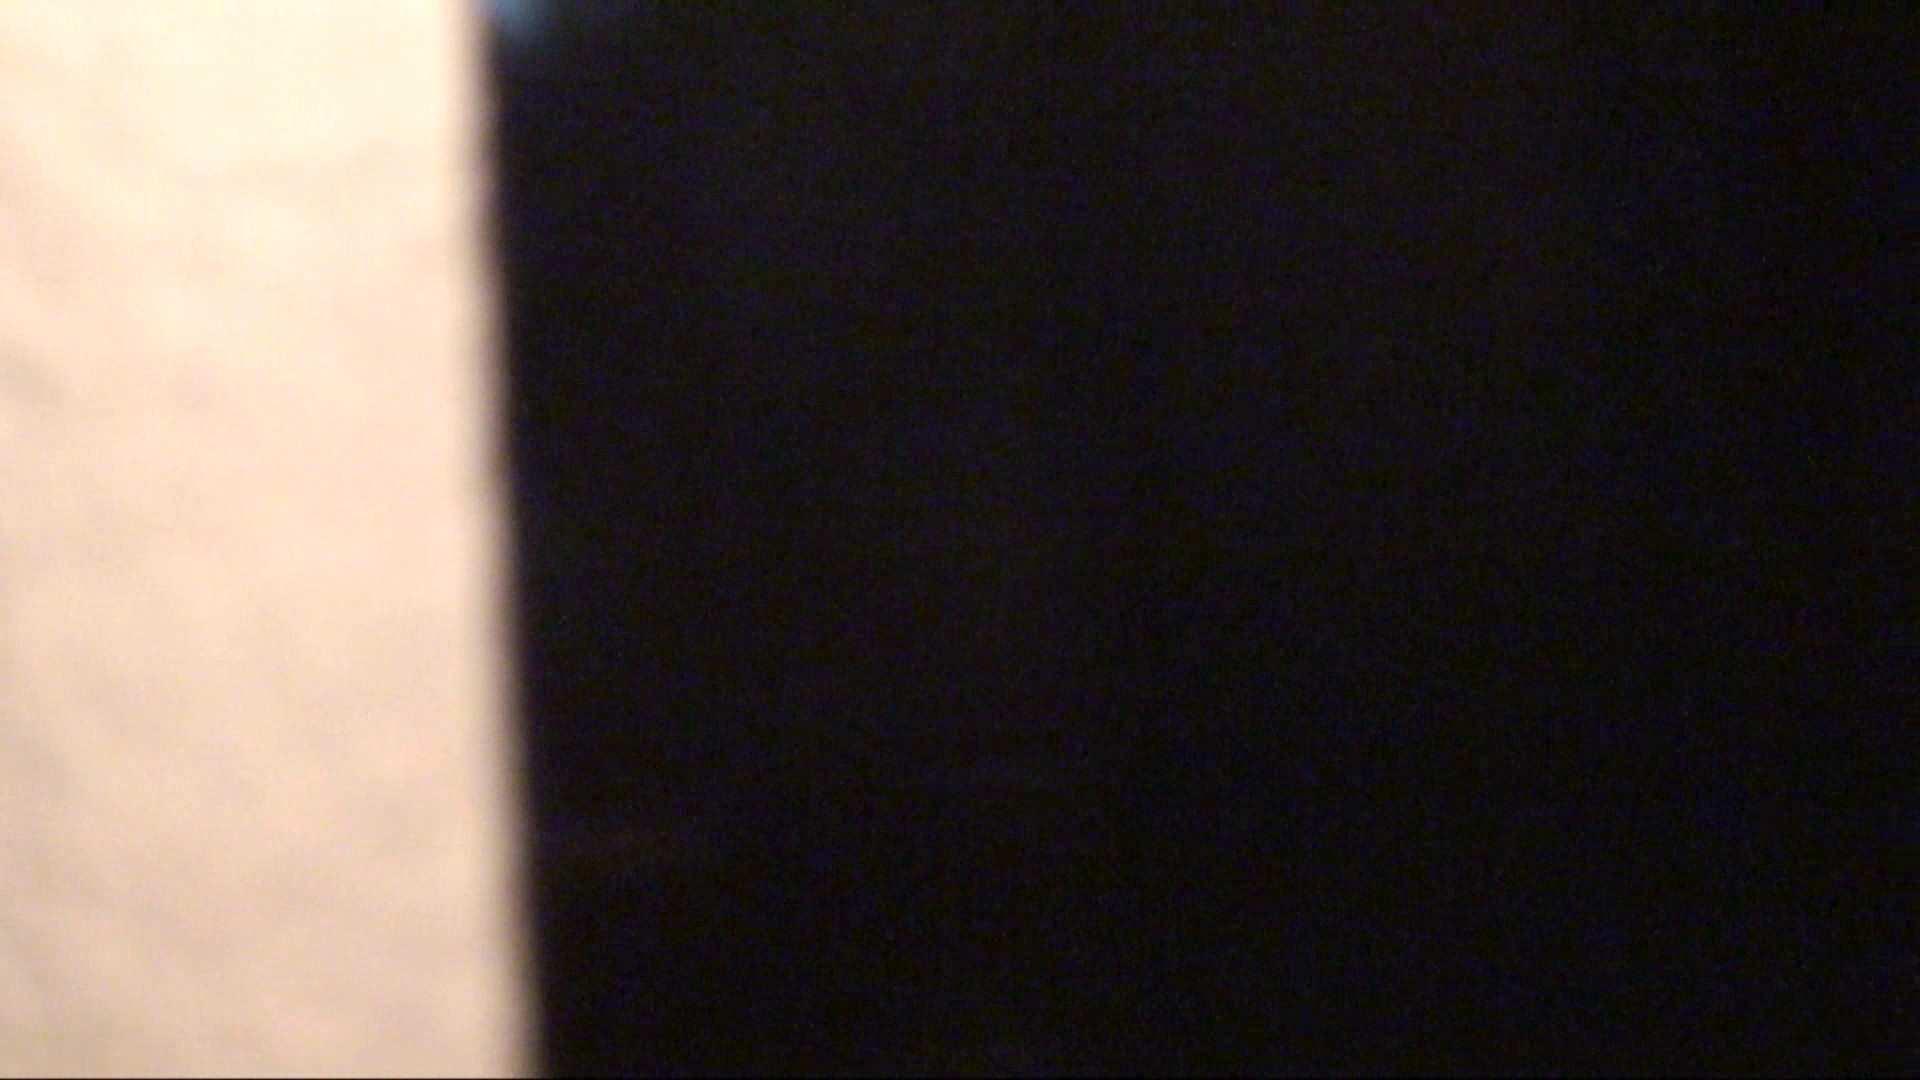 vol.01必見!白肌嬢の乳首が丸見え。極上美人のすっぴん顔をハイビジョンで! 民家  89pic 14